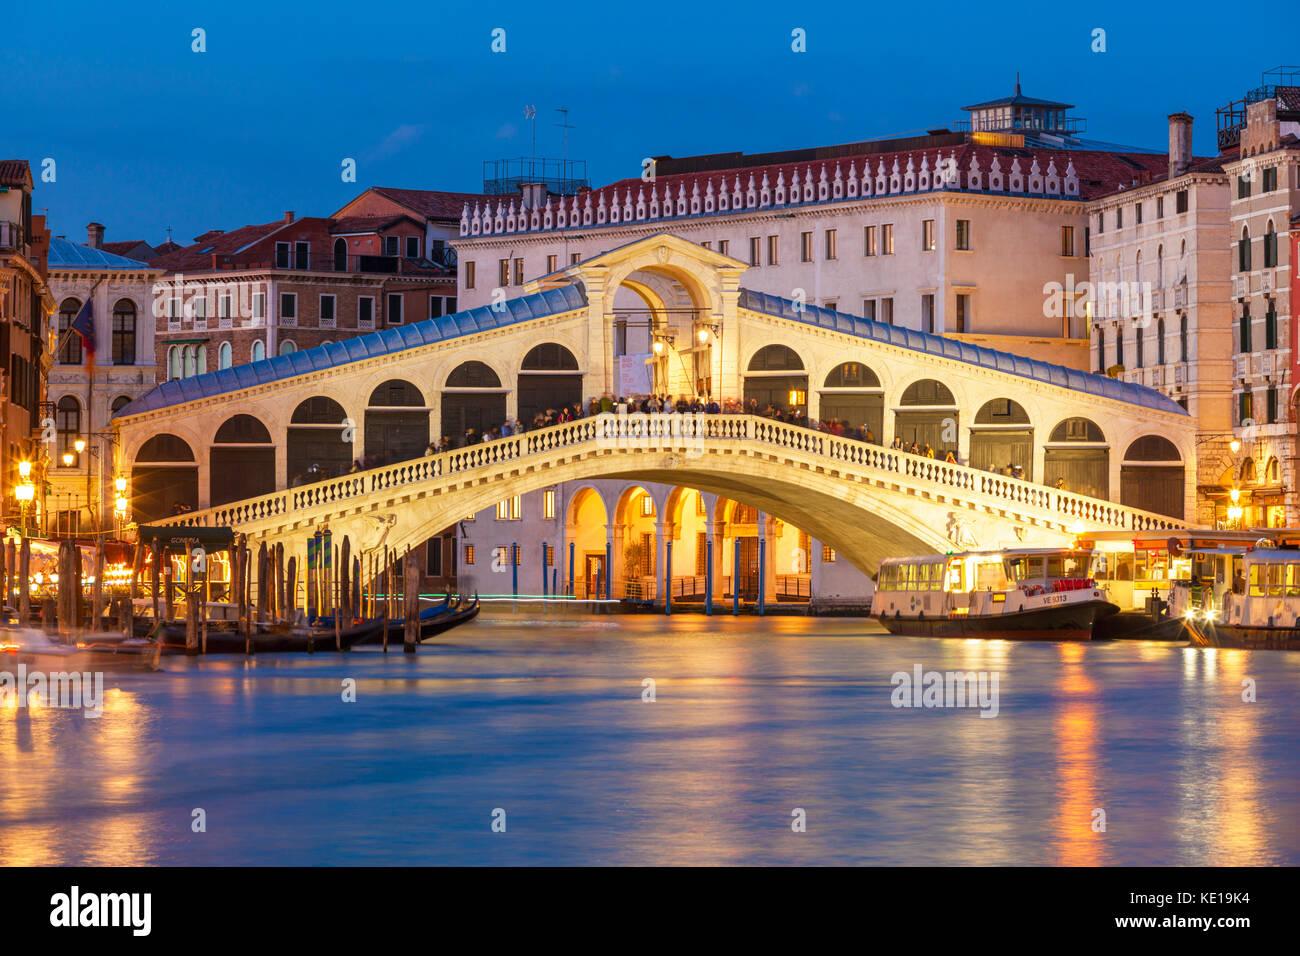 Italien Venedig Italien Gondelfahrt Italien Venedig Canal Grande Venedig Rialto Brücke bei Nacht beleuchtet Stockbild